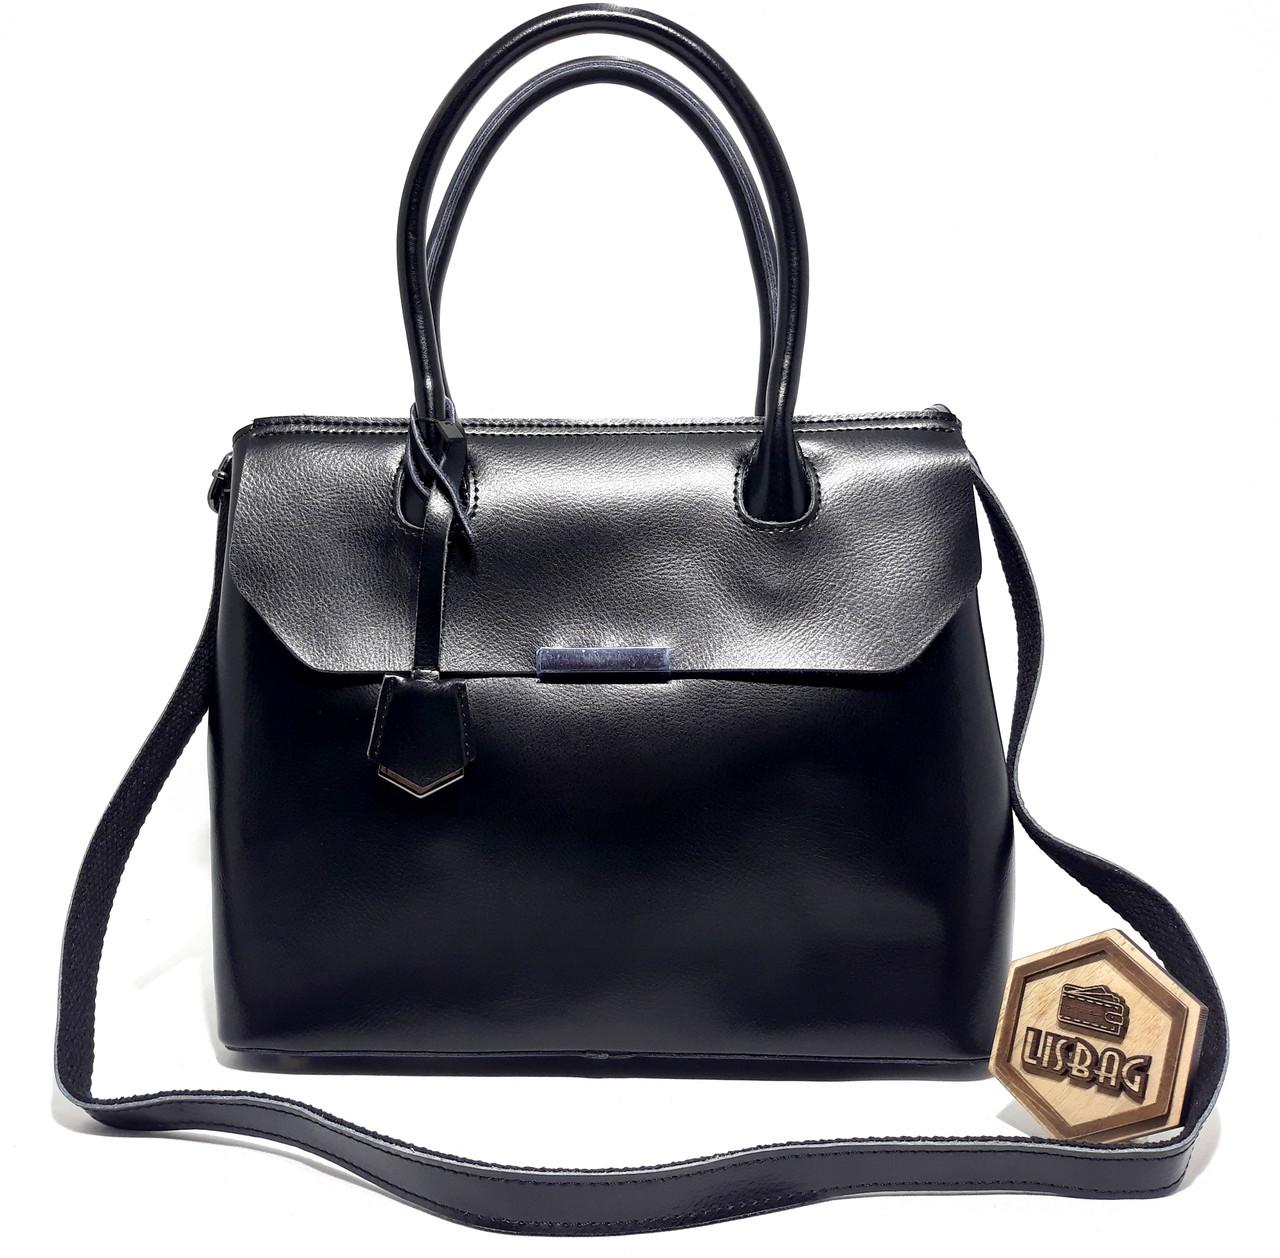 479d3f2827df Большая вместительная женская сумка из натуральной плотной кожи, Черная  Galanty , цена 1 147 грн., купить в Умани — Prom.ua (ID#856589931)